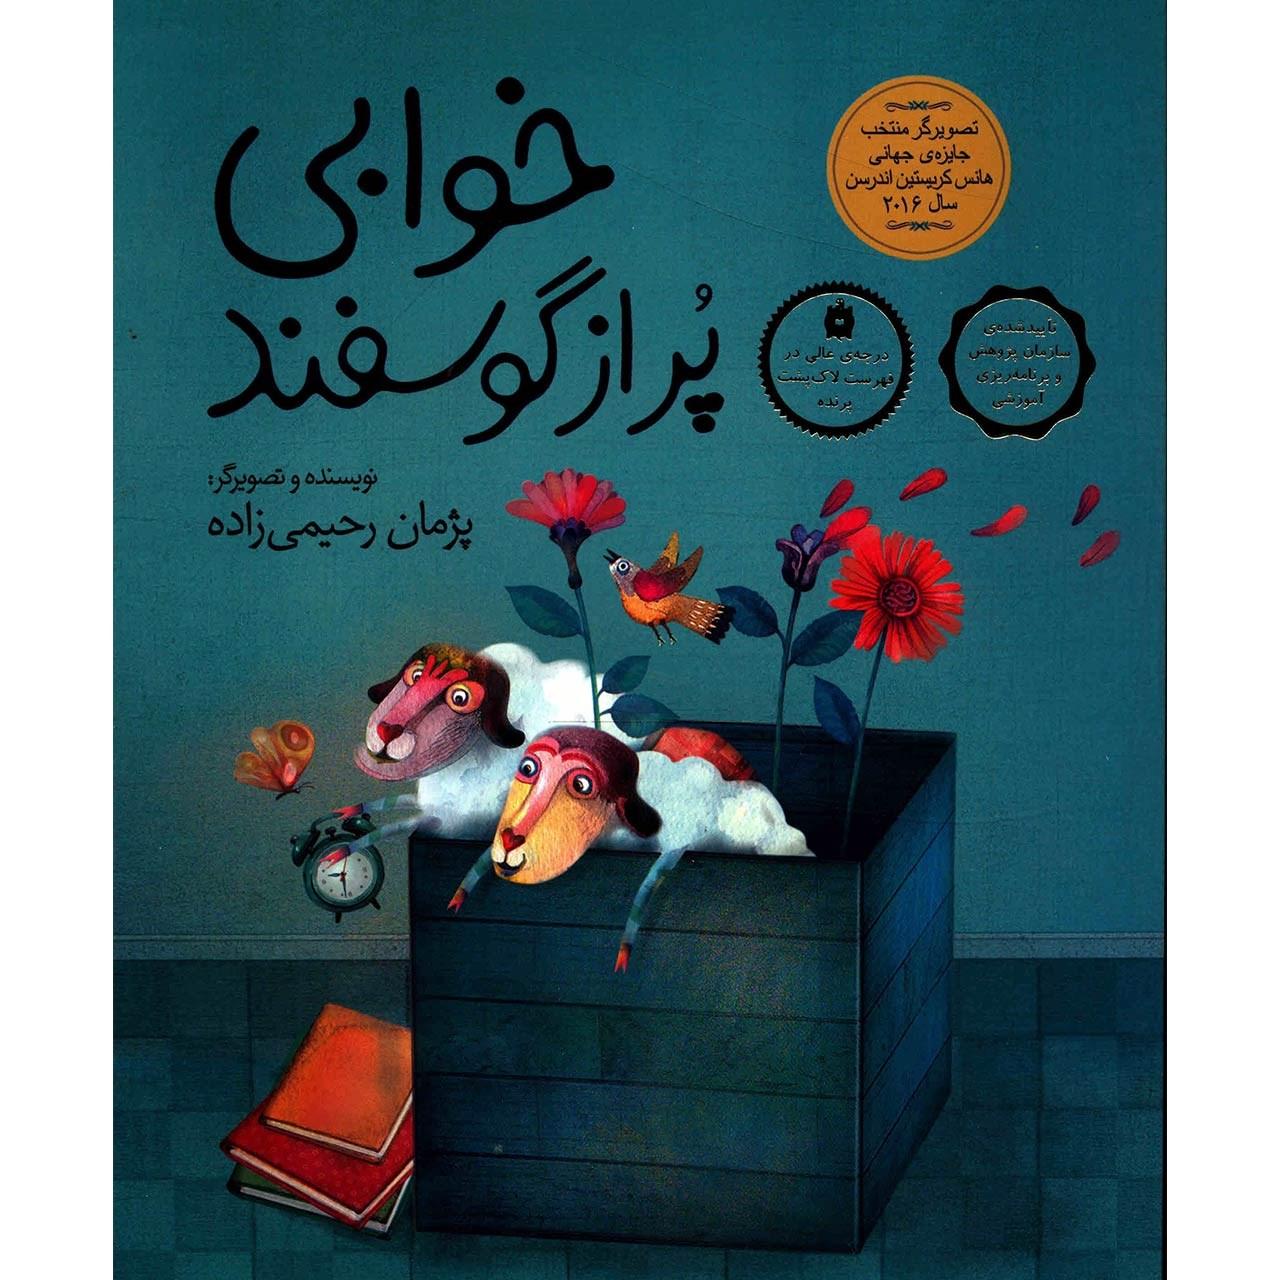 کتاب خوابی پر از گوسفند اثر پژمان رحیمی زاده - شومیز